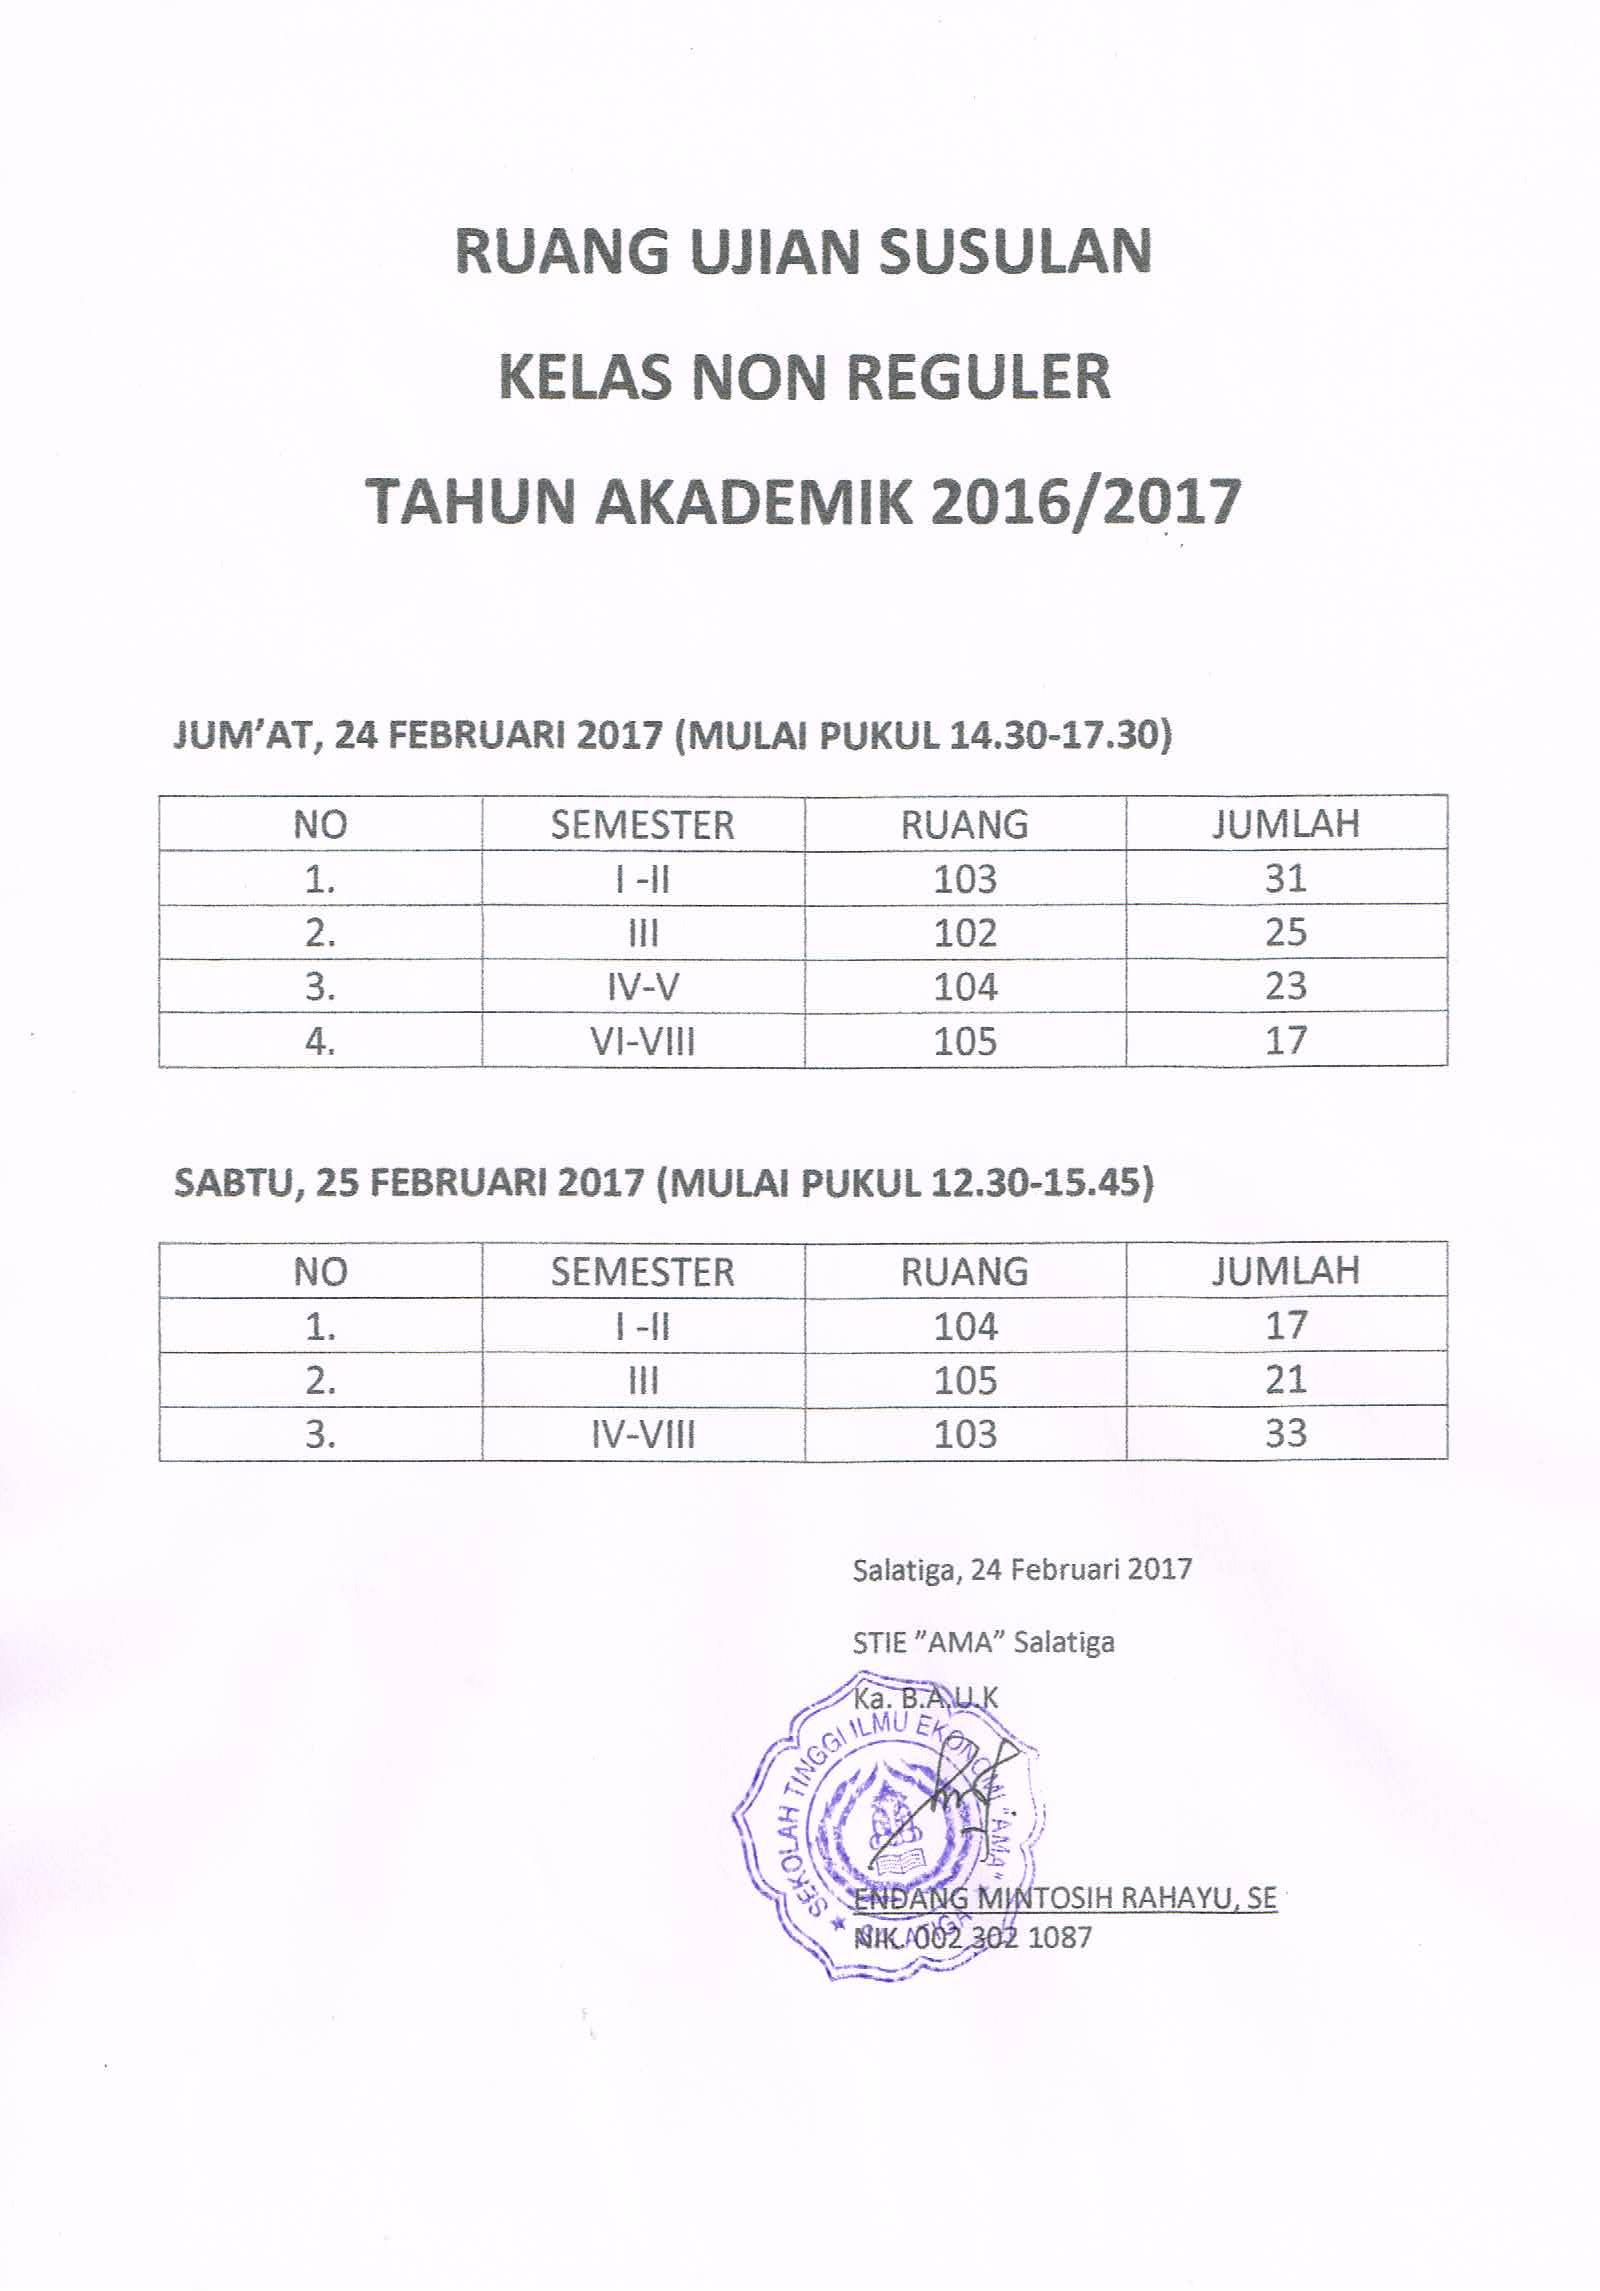 Jadwal Ruang Ujian Susulan Kelas NonReguler Th. Akademik 2016/2017